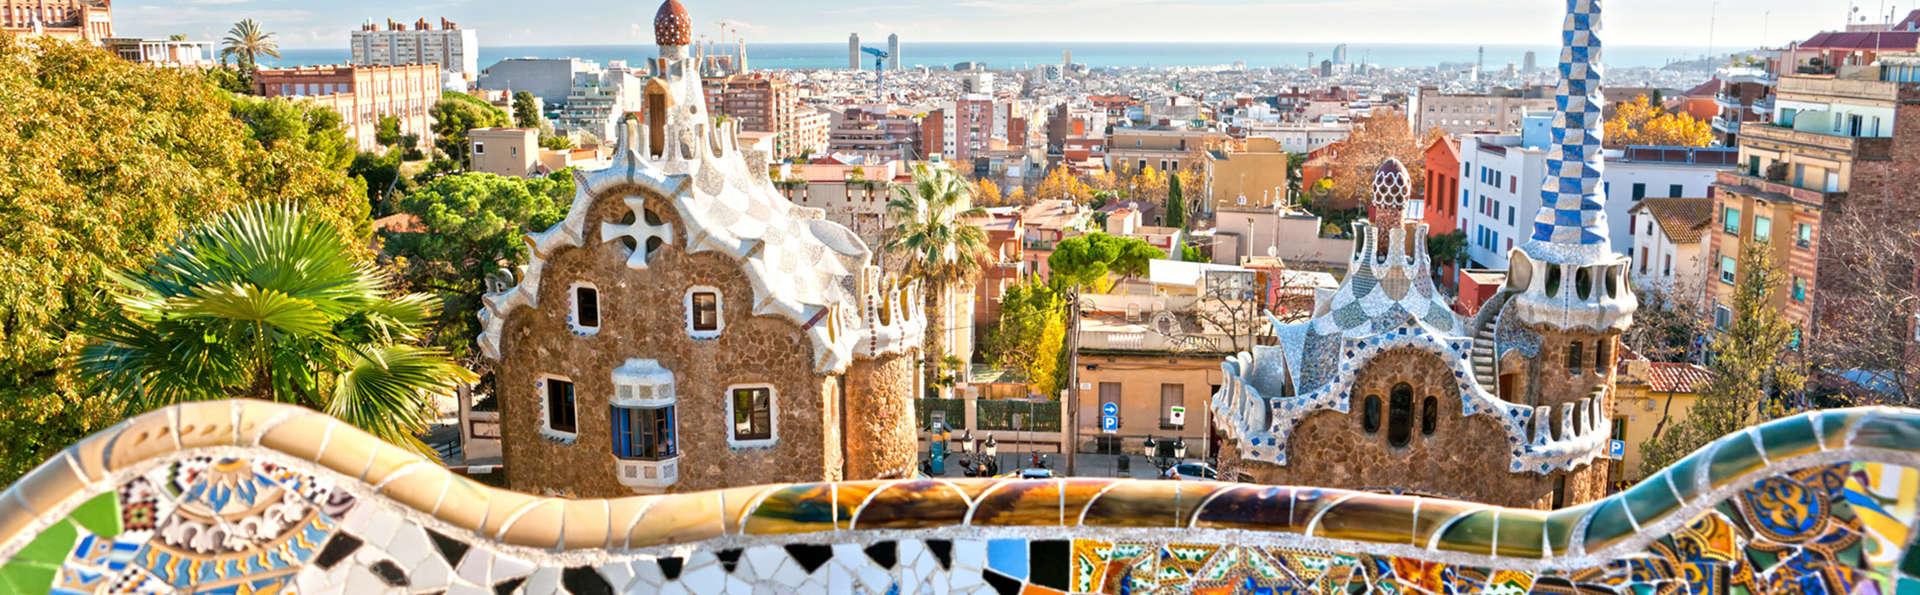 Escapada en familia o con amigos en el centro de Barcelona con desayuno incluido